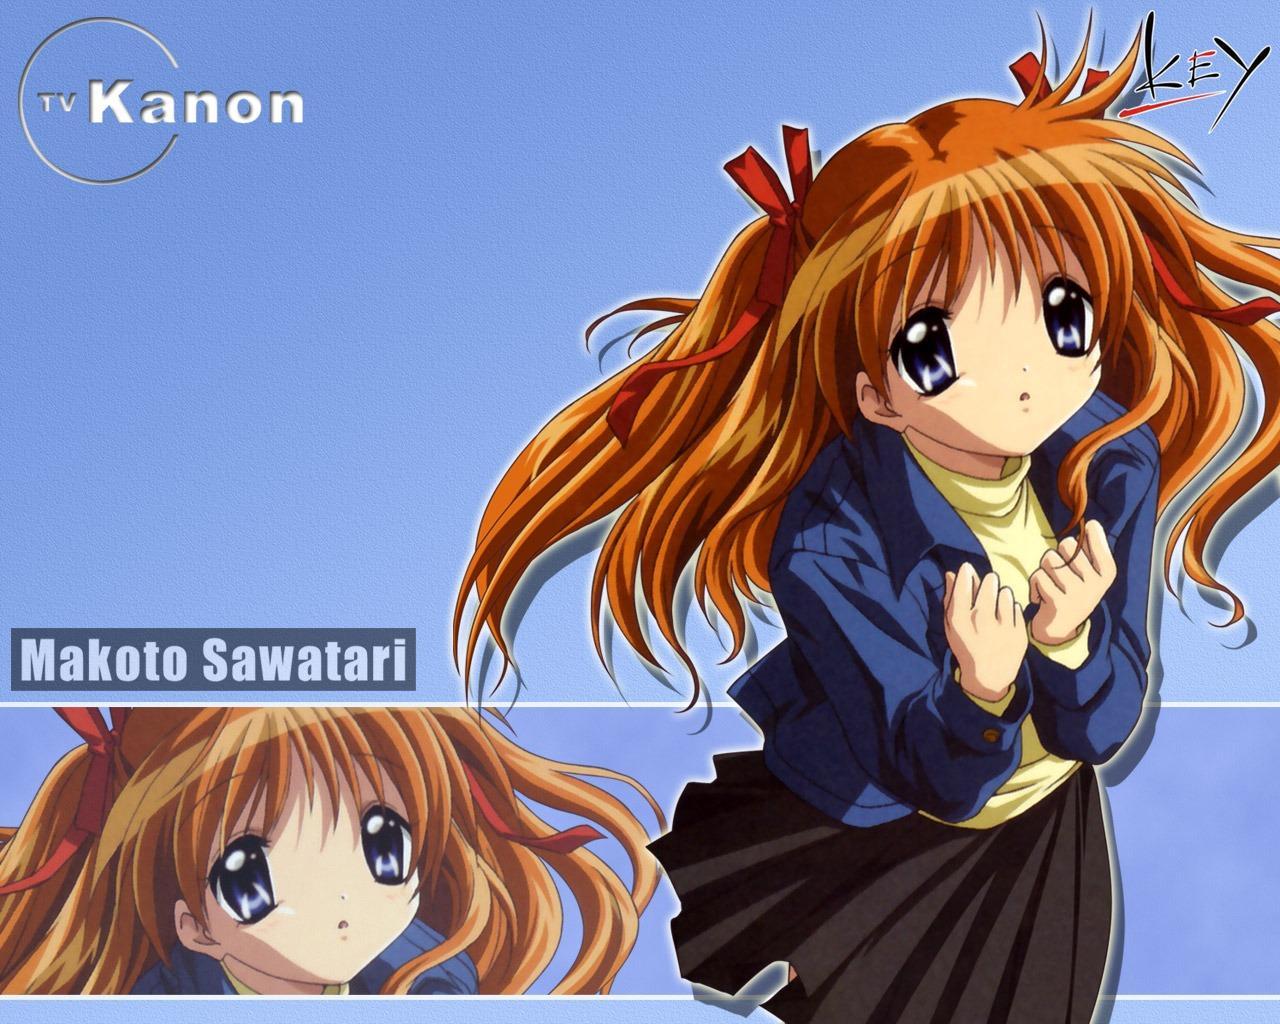 オレンジ髪キャラのまとめ アニメ ゲームのオレンジ髪キャラ一覧